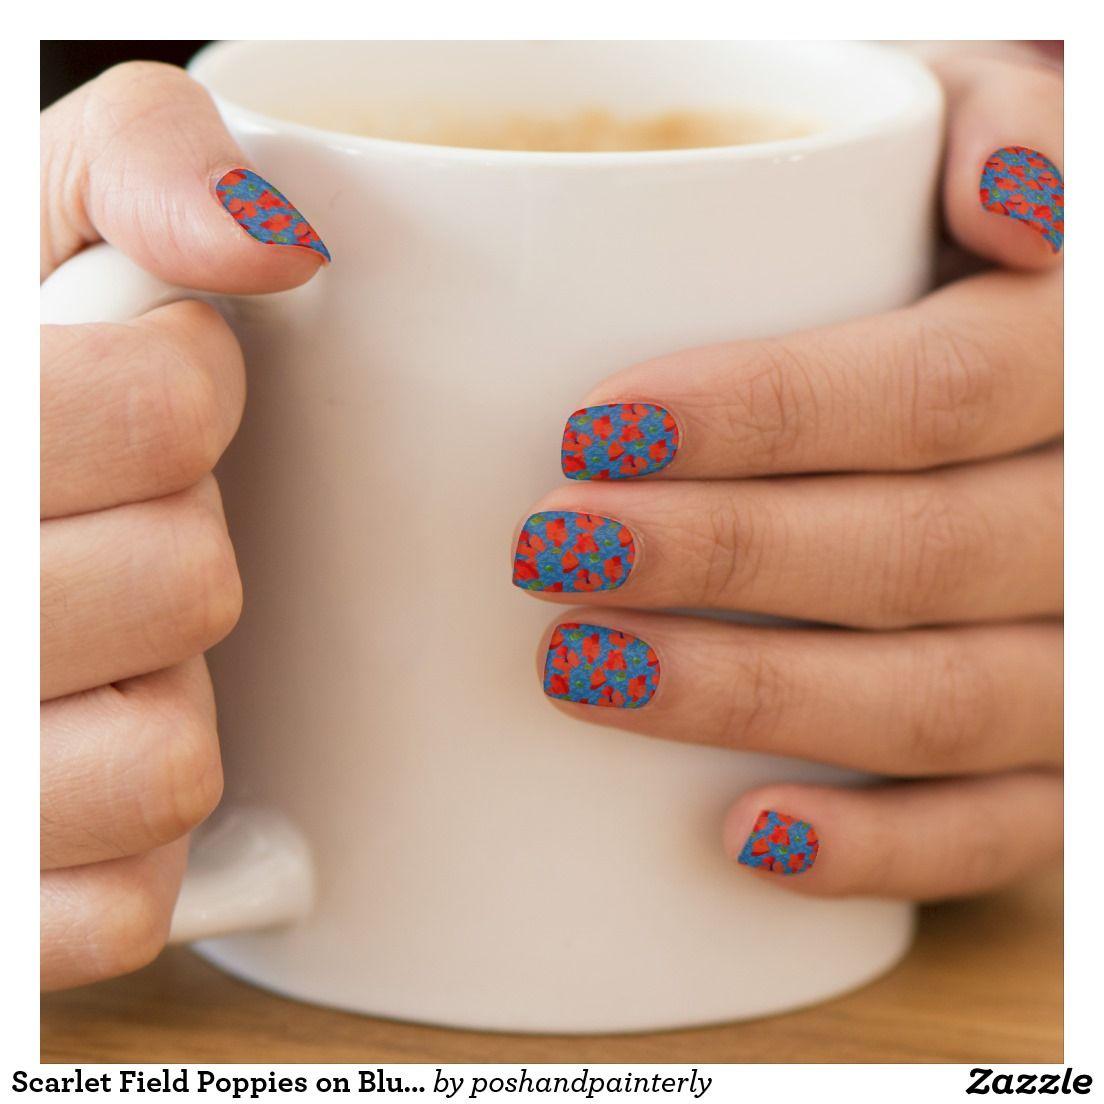 Scarlet Field Poppies on Blue Minx Minx ® Nail Wraps: http://www.zazzle.com/scarlet_field_poppies_on_blue_minx_minxnailart-256151077308697750?view=113906397730986103&rf=238041988035411422&tc=pintw